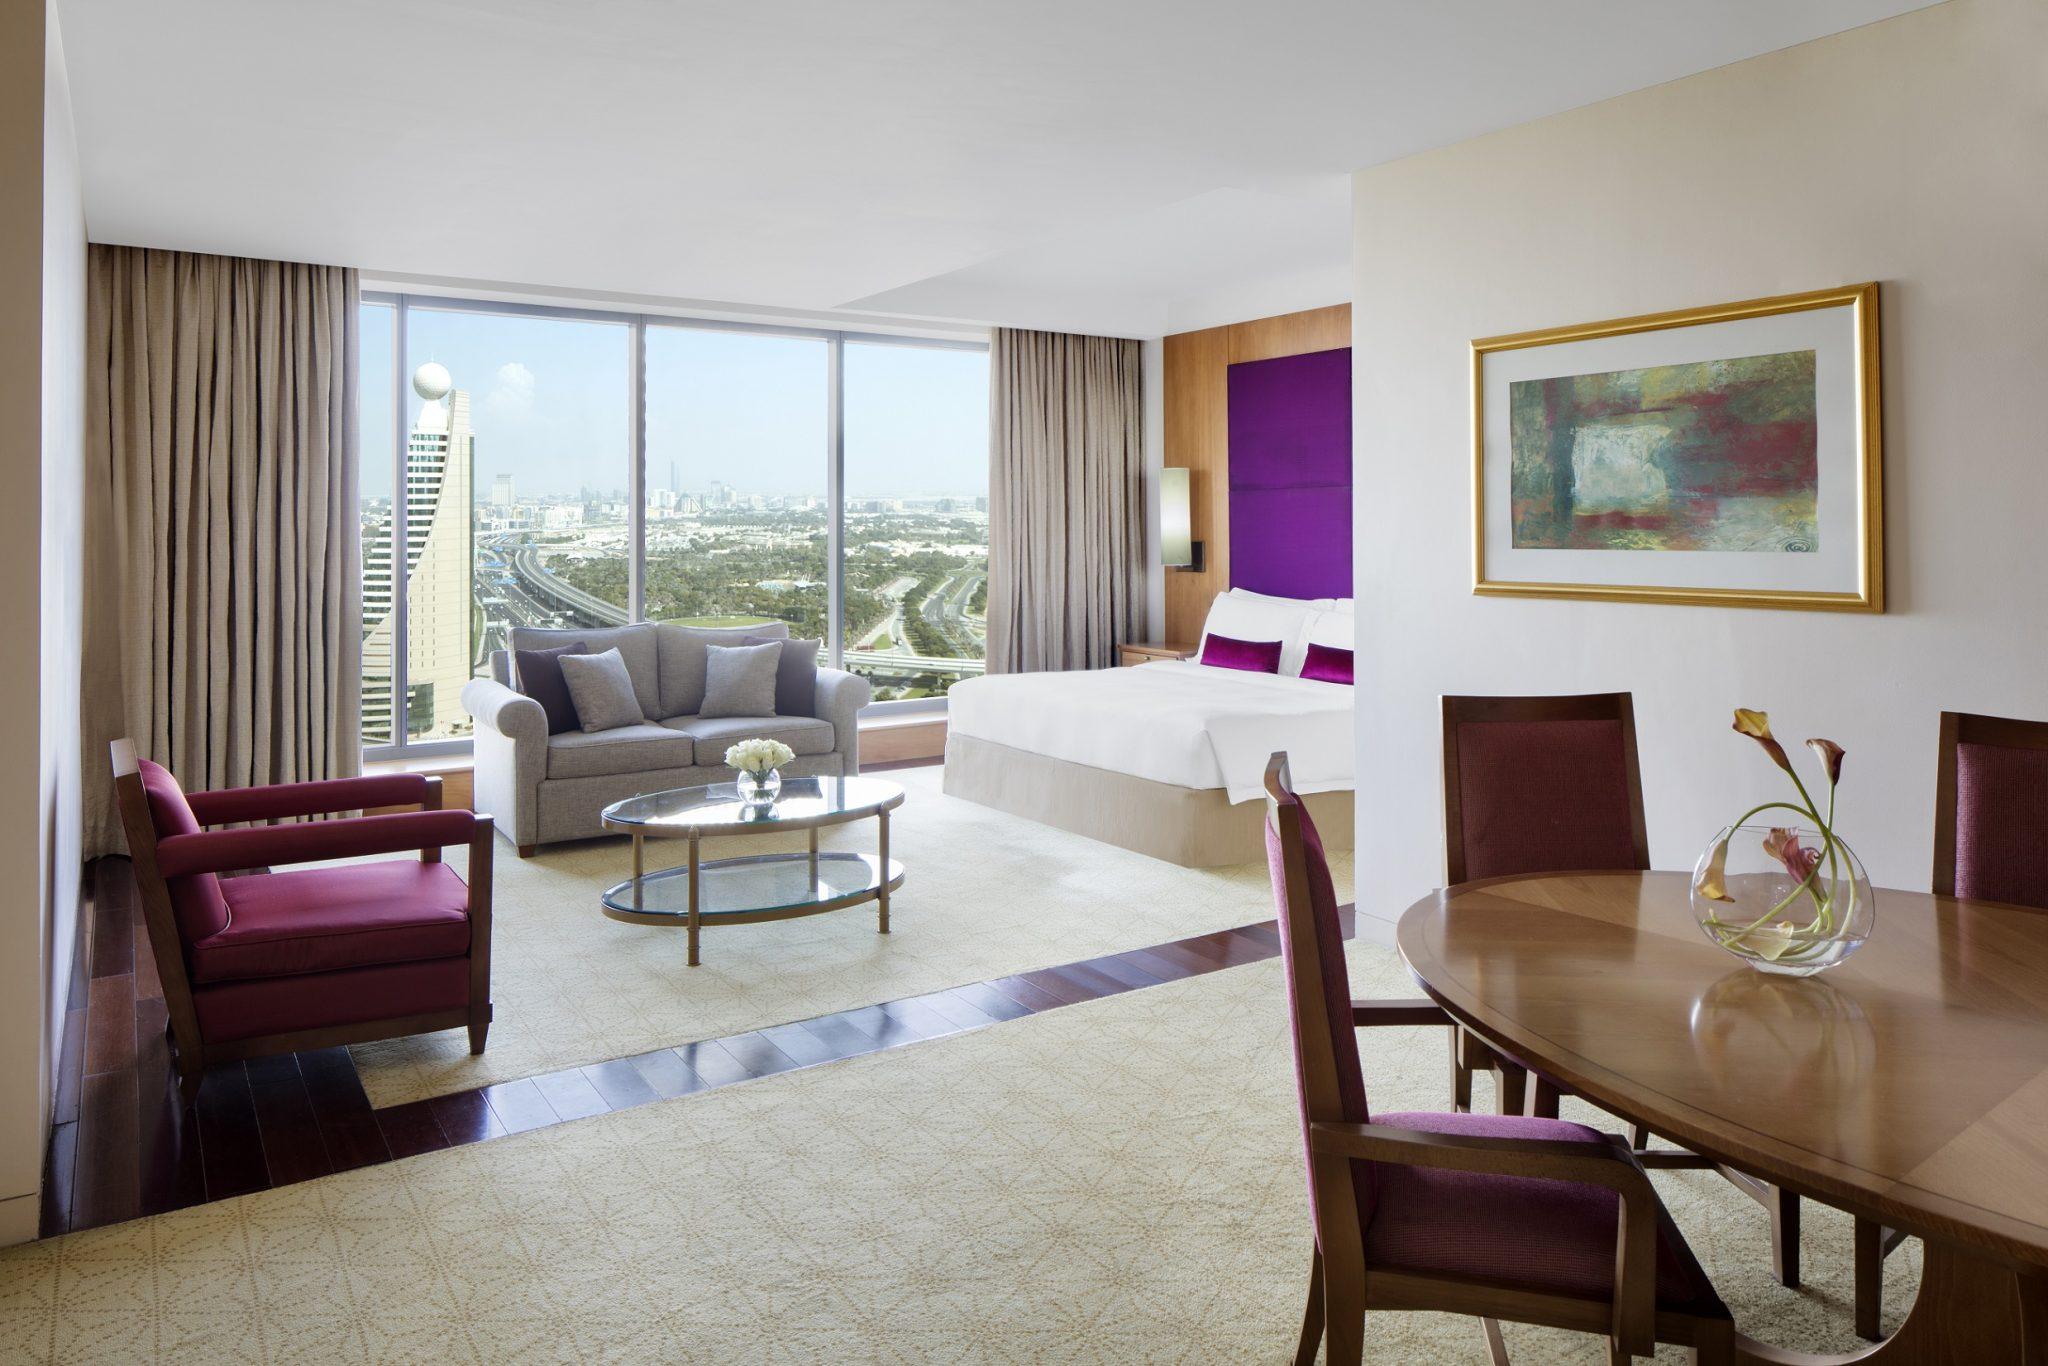 فندق ذا إتش دبي يقدم تخفيضات تصل إلى 50% لمدة 48 ساعة فقط